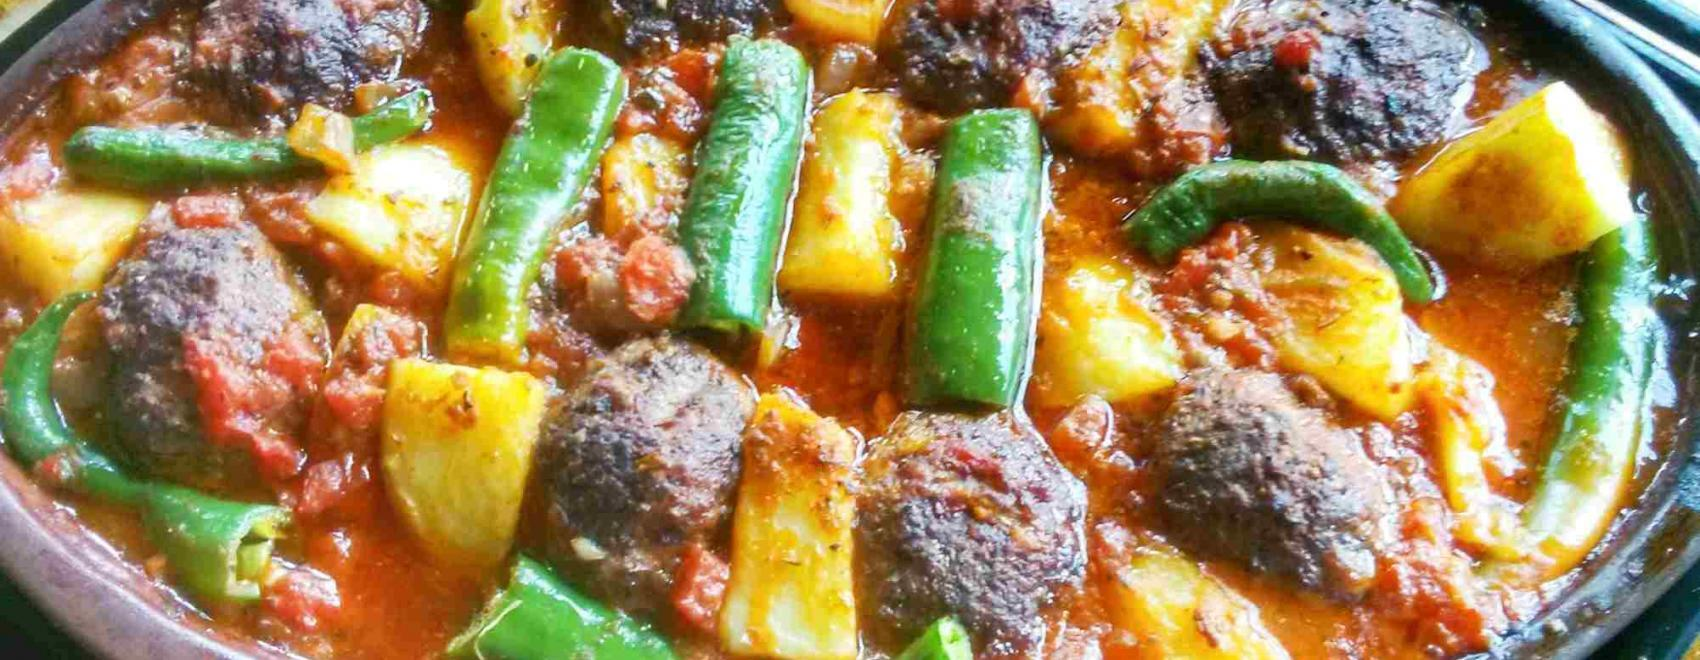 Recipe For Izmir Köfte